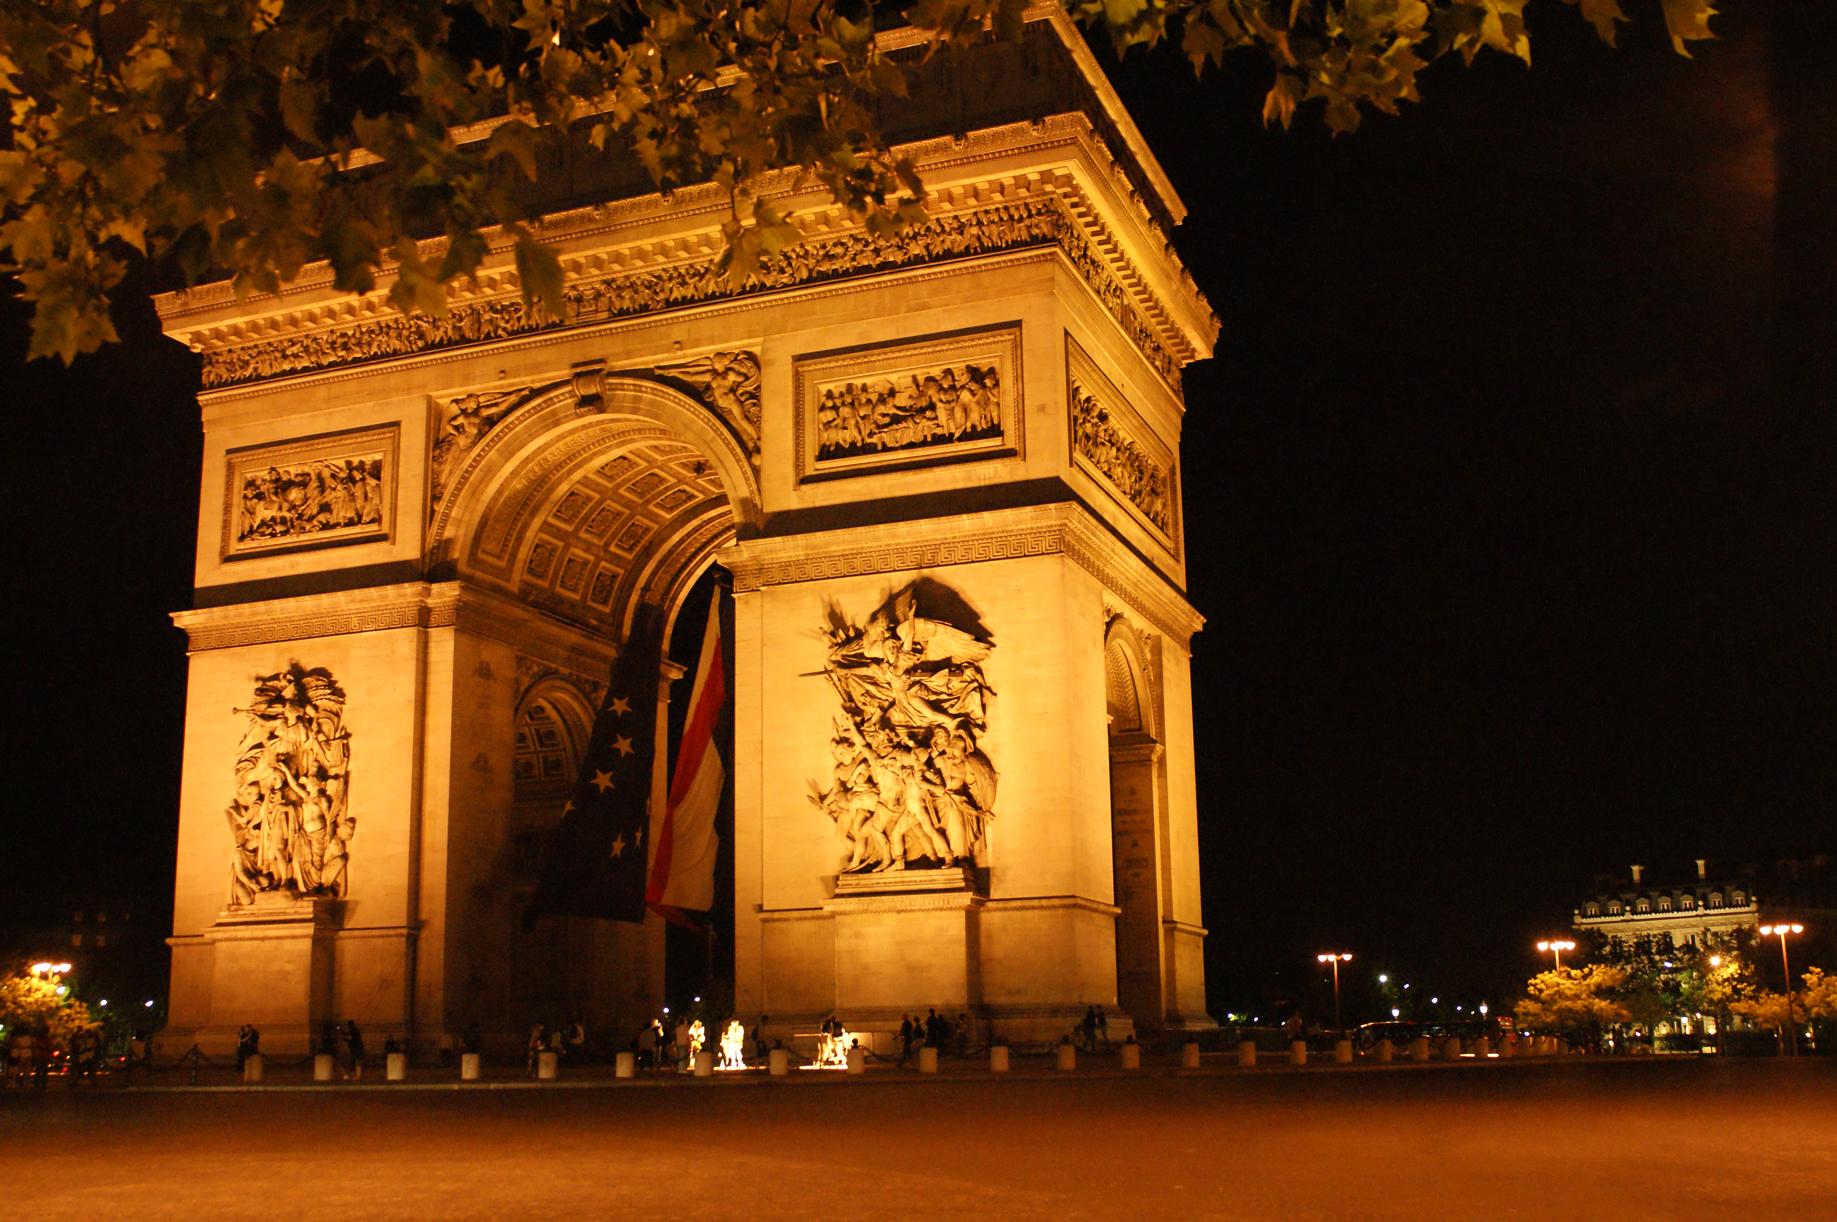 R veillon nouvel an paris soir e jour de l 39 an paris madam - Nouvel an original paris ...